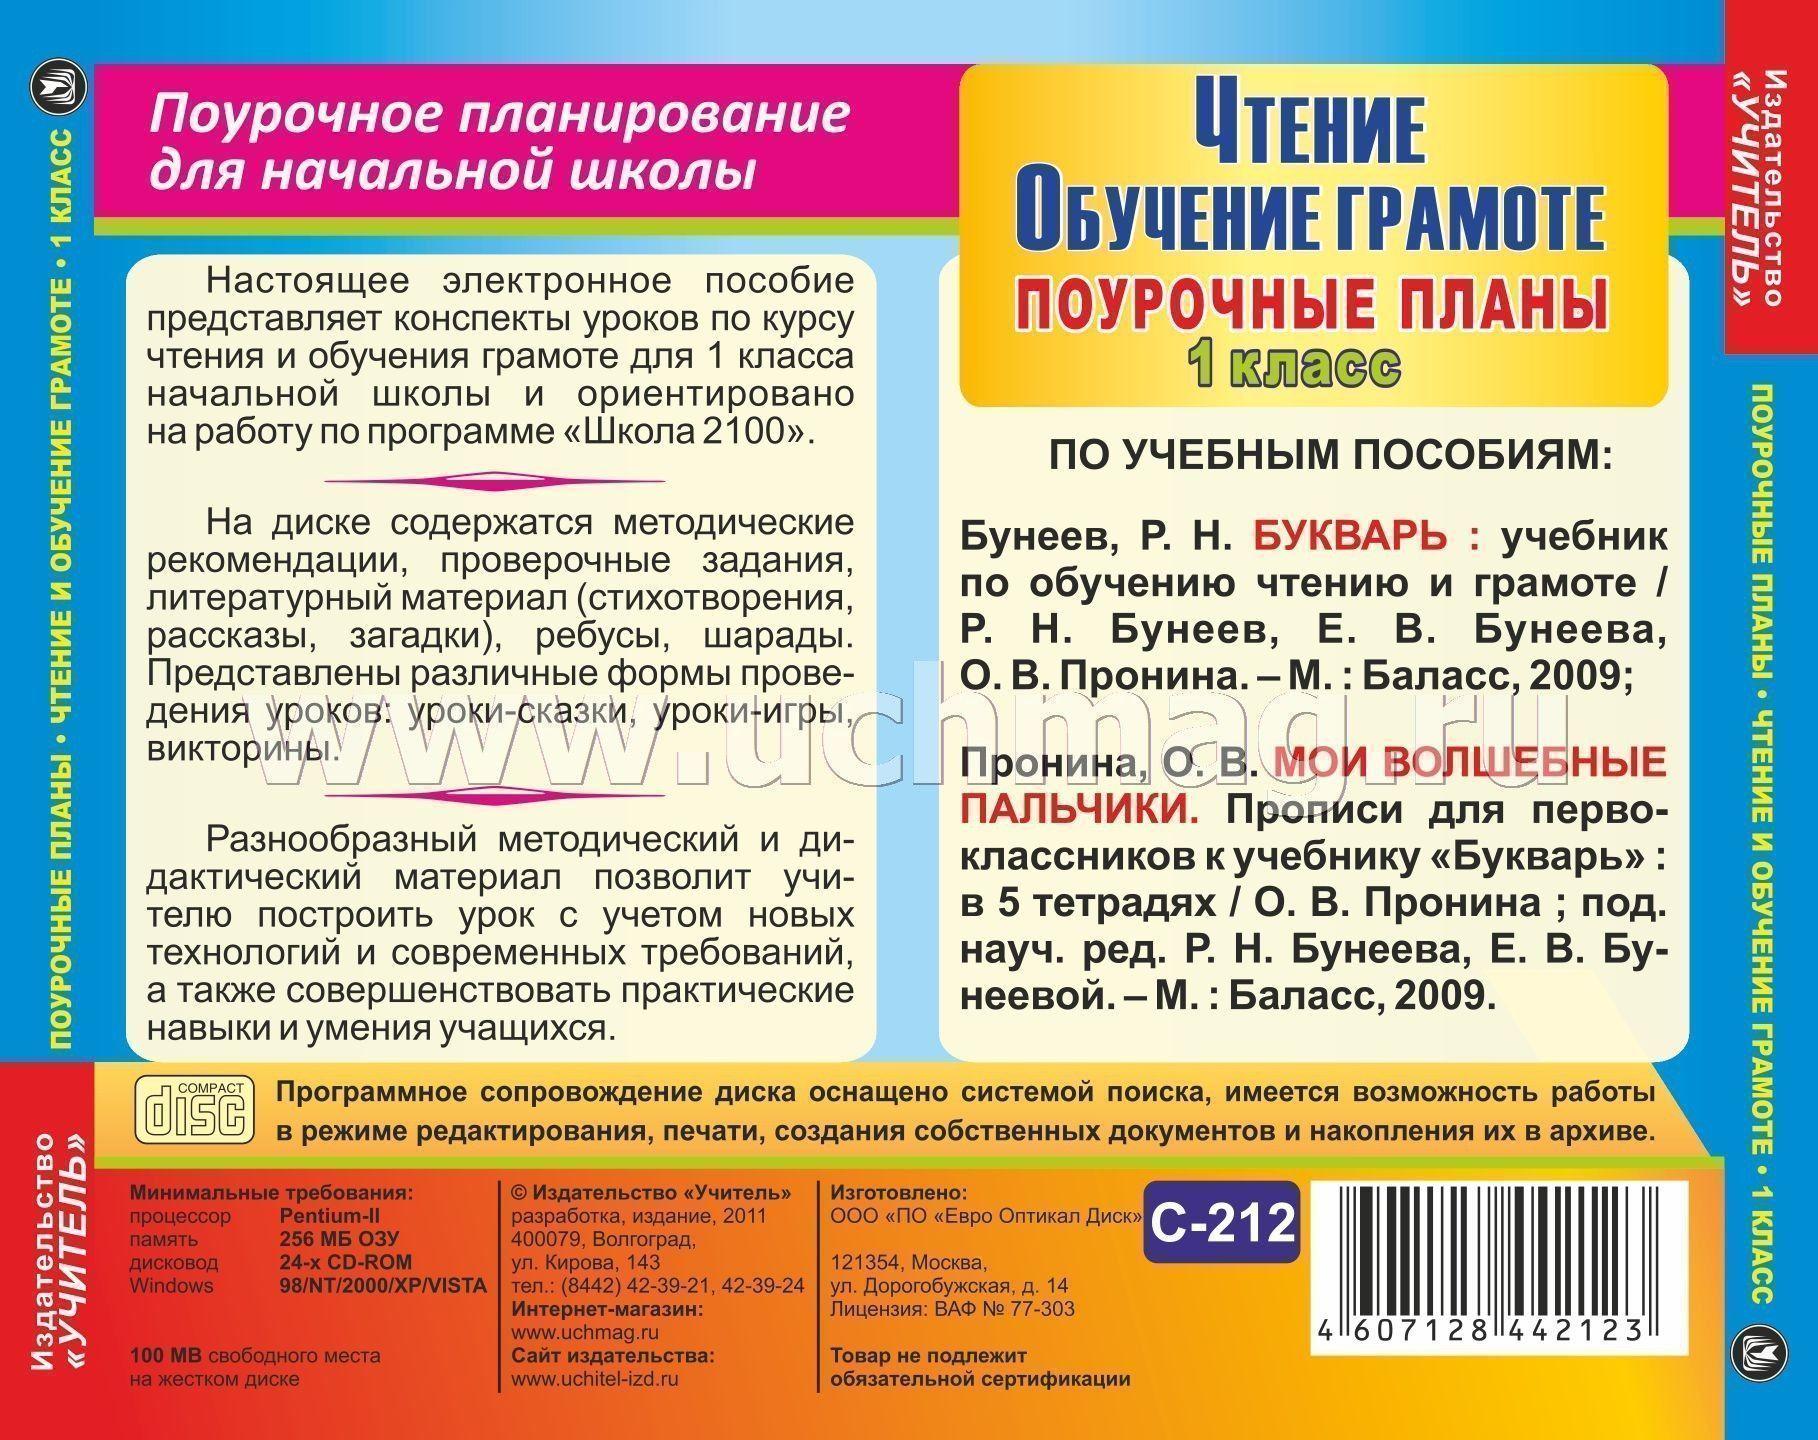 Судьба Русского Языка В 21 Веке